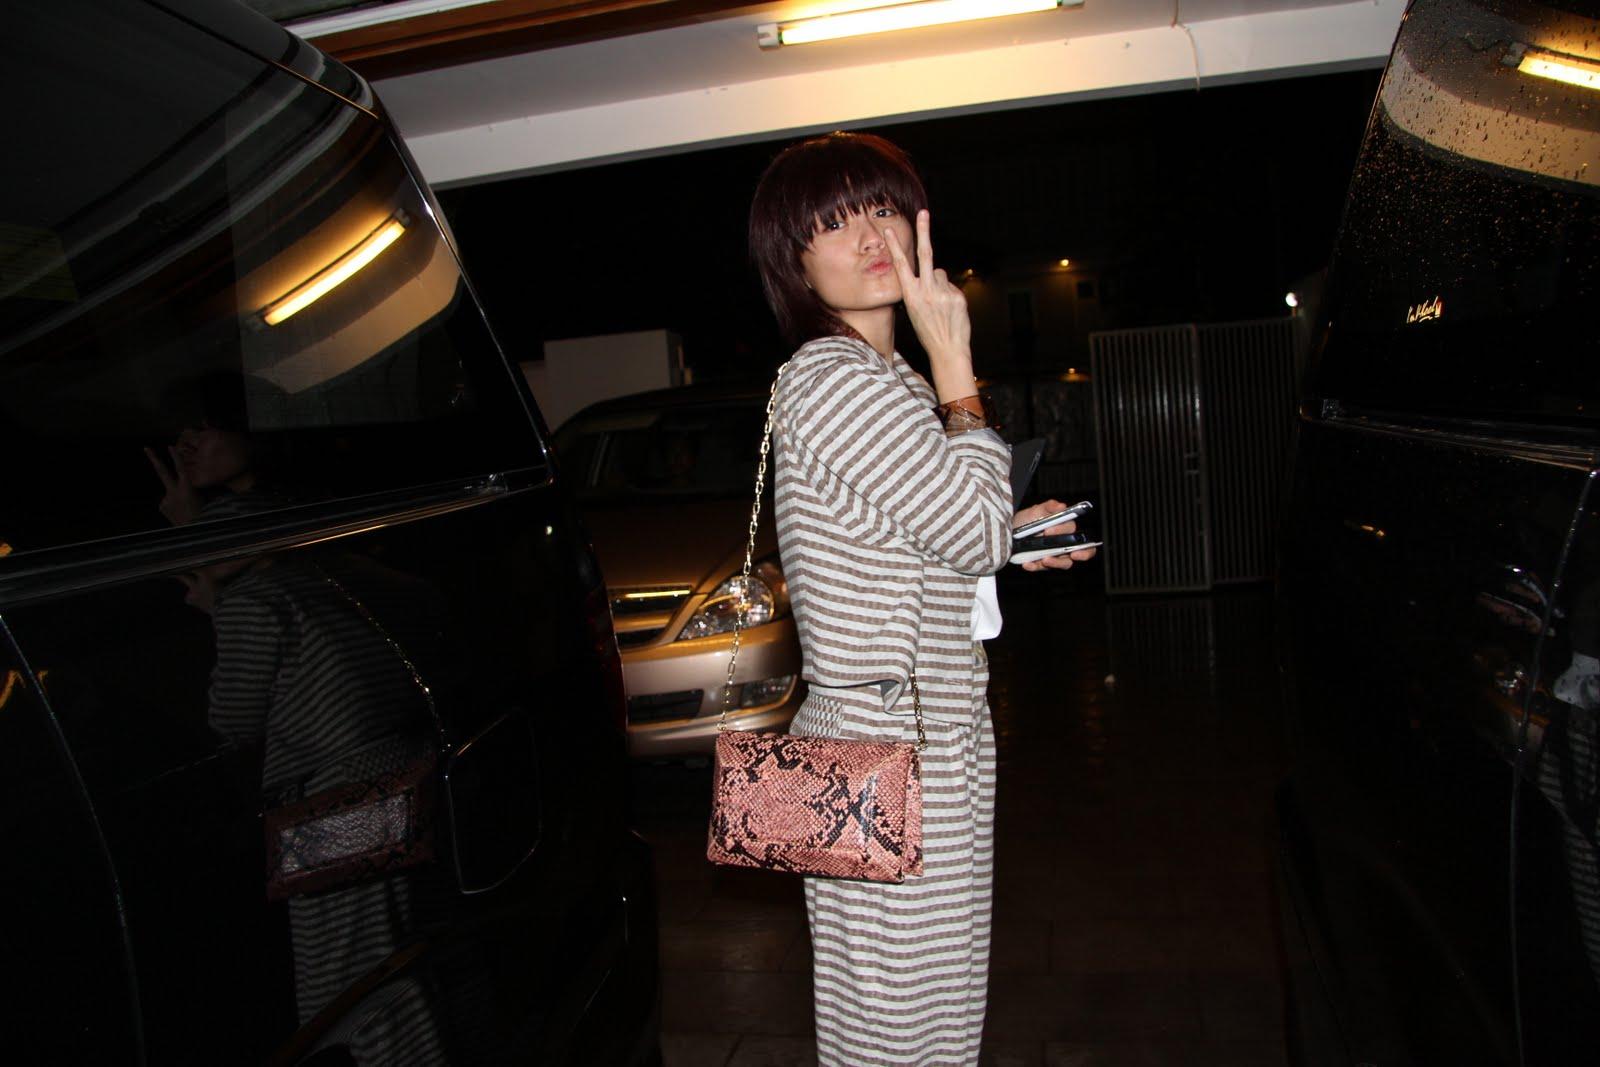 http://4.bp.blogspot.com/-TNSeNvcRG7c/TxIeA0ZfuUI/AAAAAAAACbY/WFtsMud_x7U/s1600/Agnes-Monica-Peace-Love.jpg